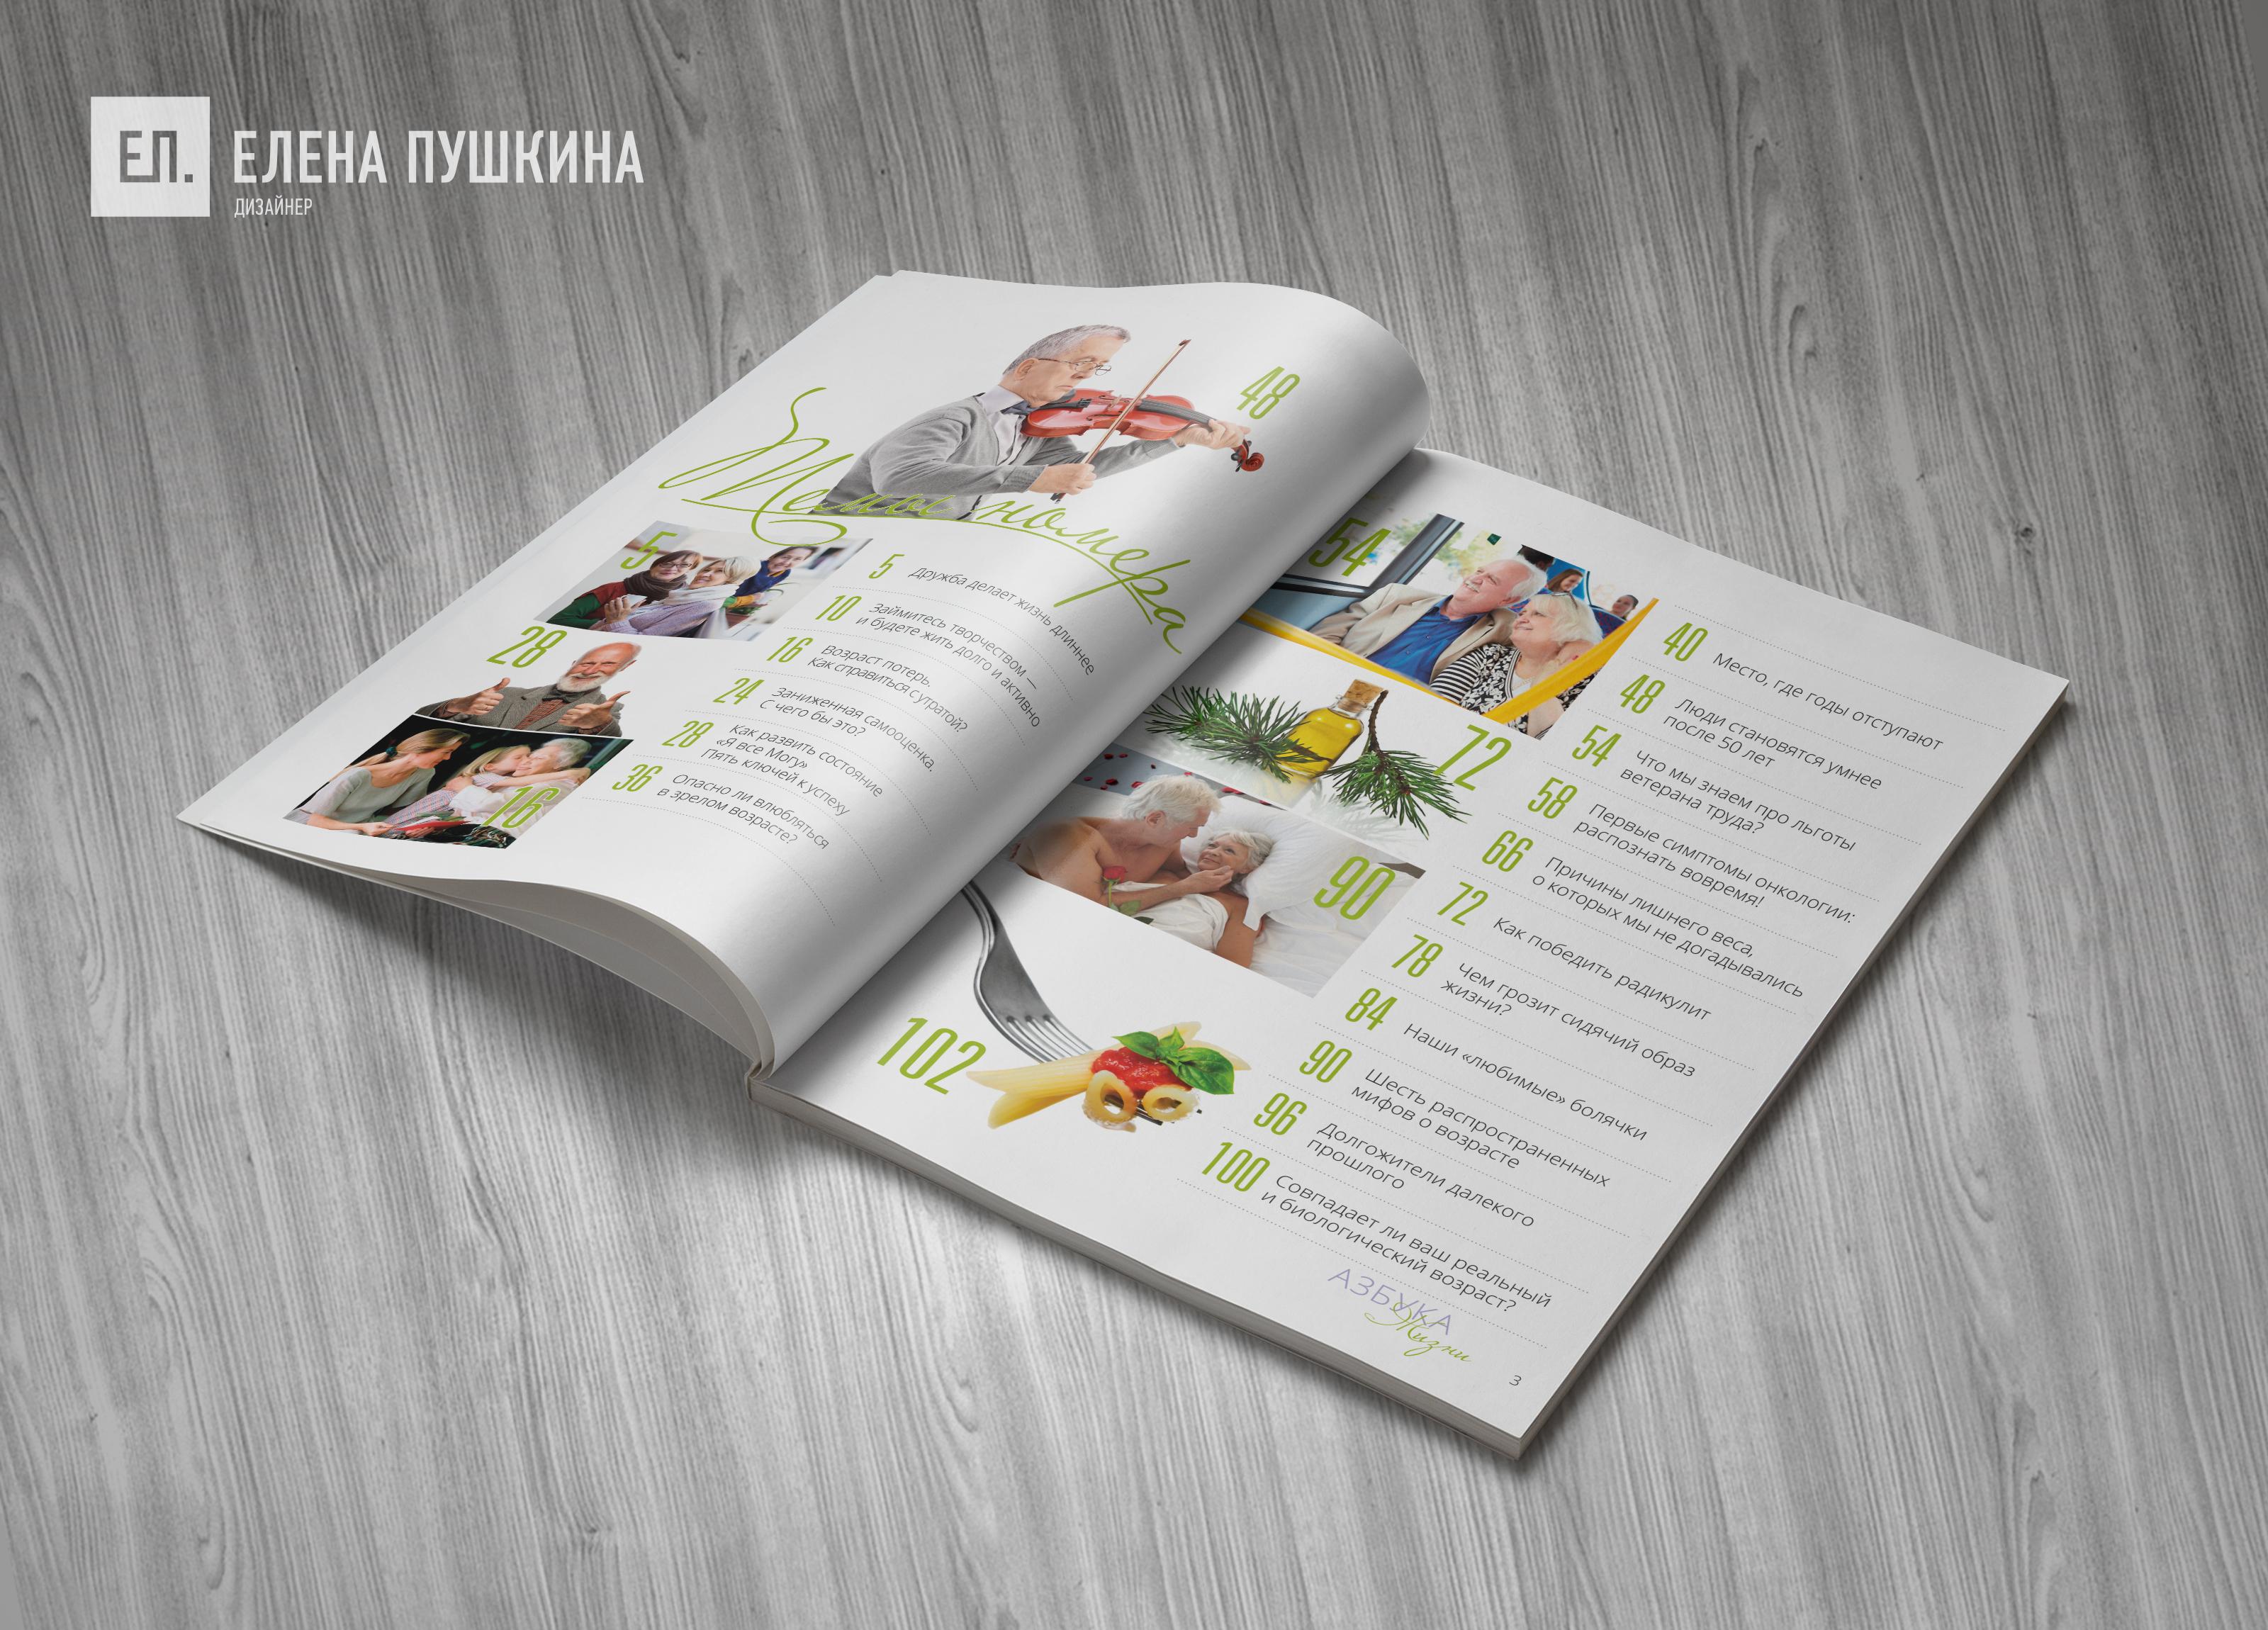 Журнал «Азбука Жизни»№3 весна 2017— разработка с«нуля» логотипа, обложки, макета ивёрстка журнала Разработка журналов Портфолио